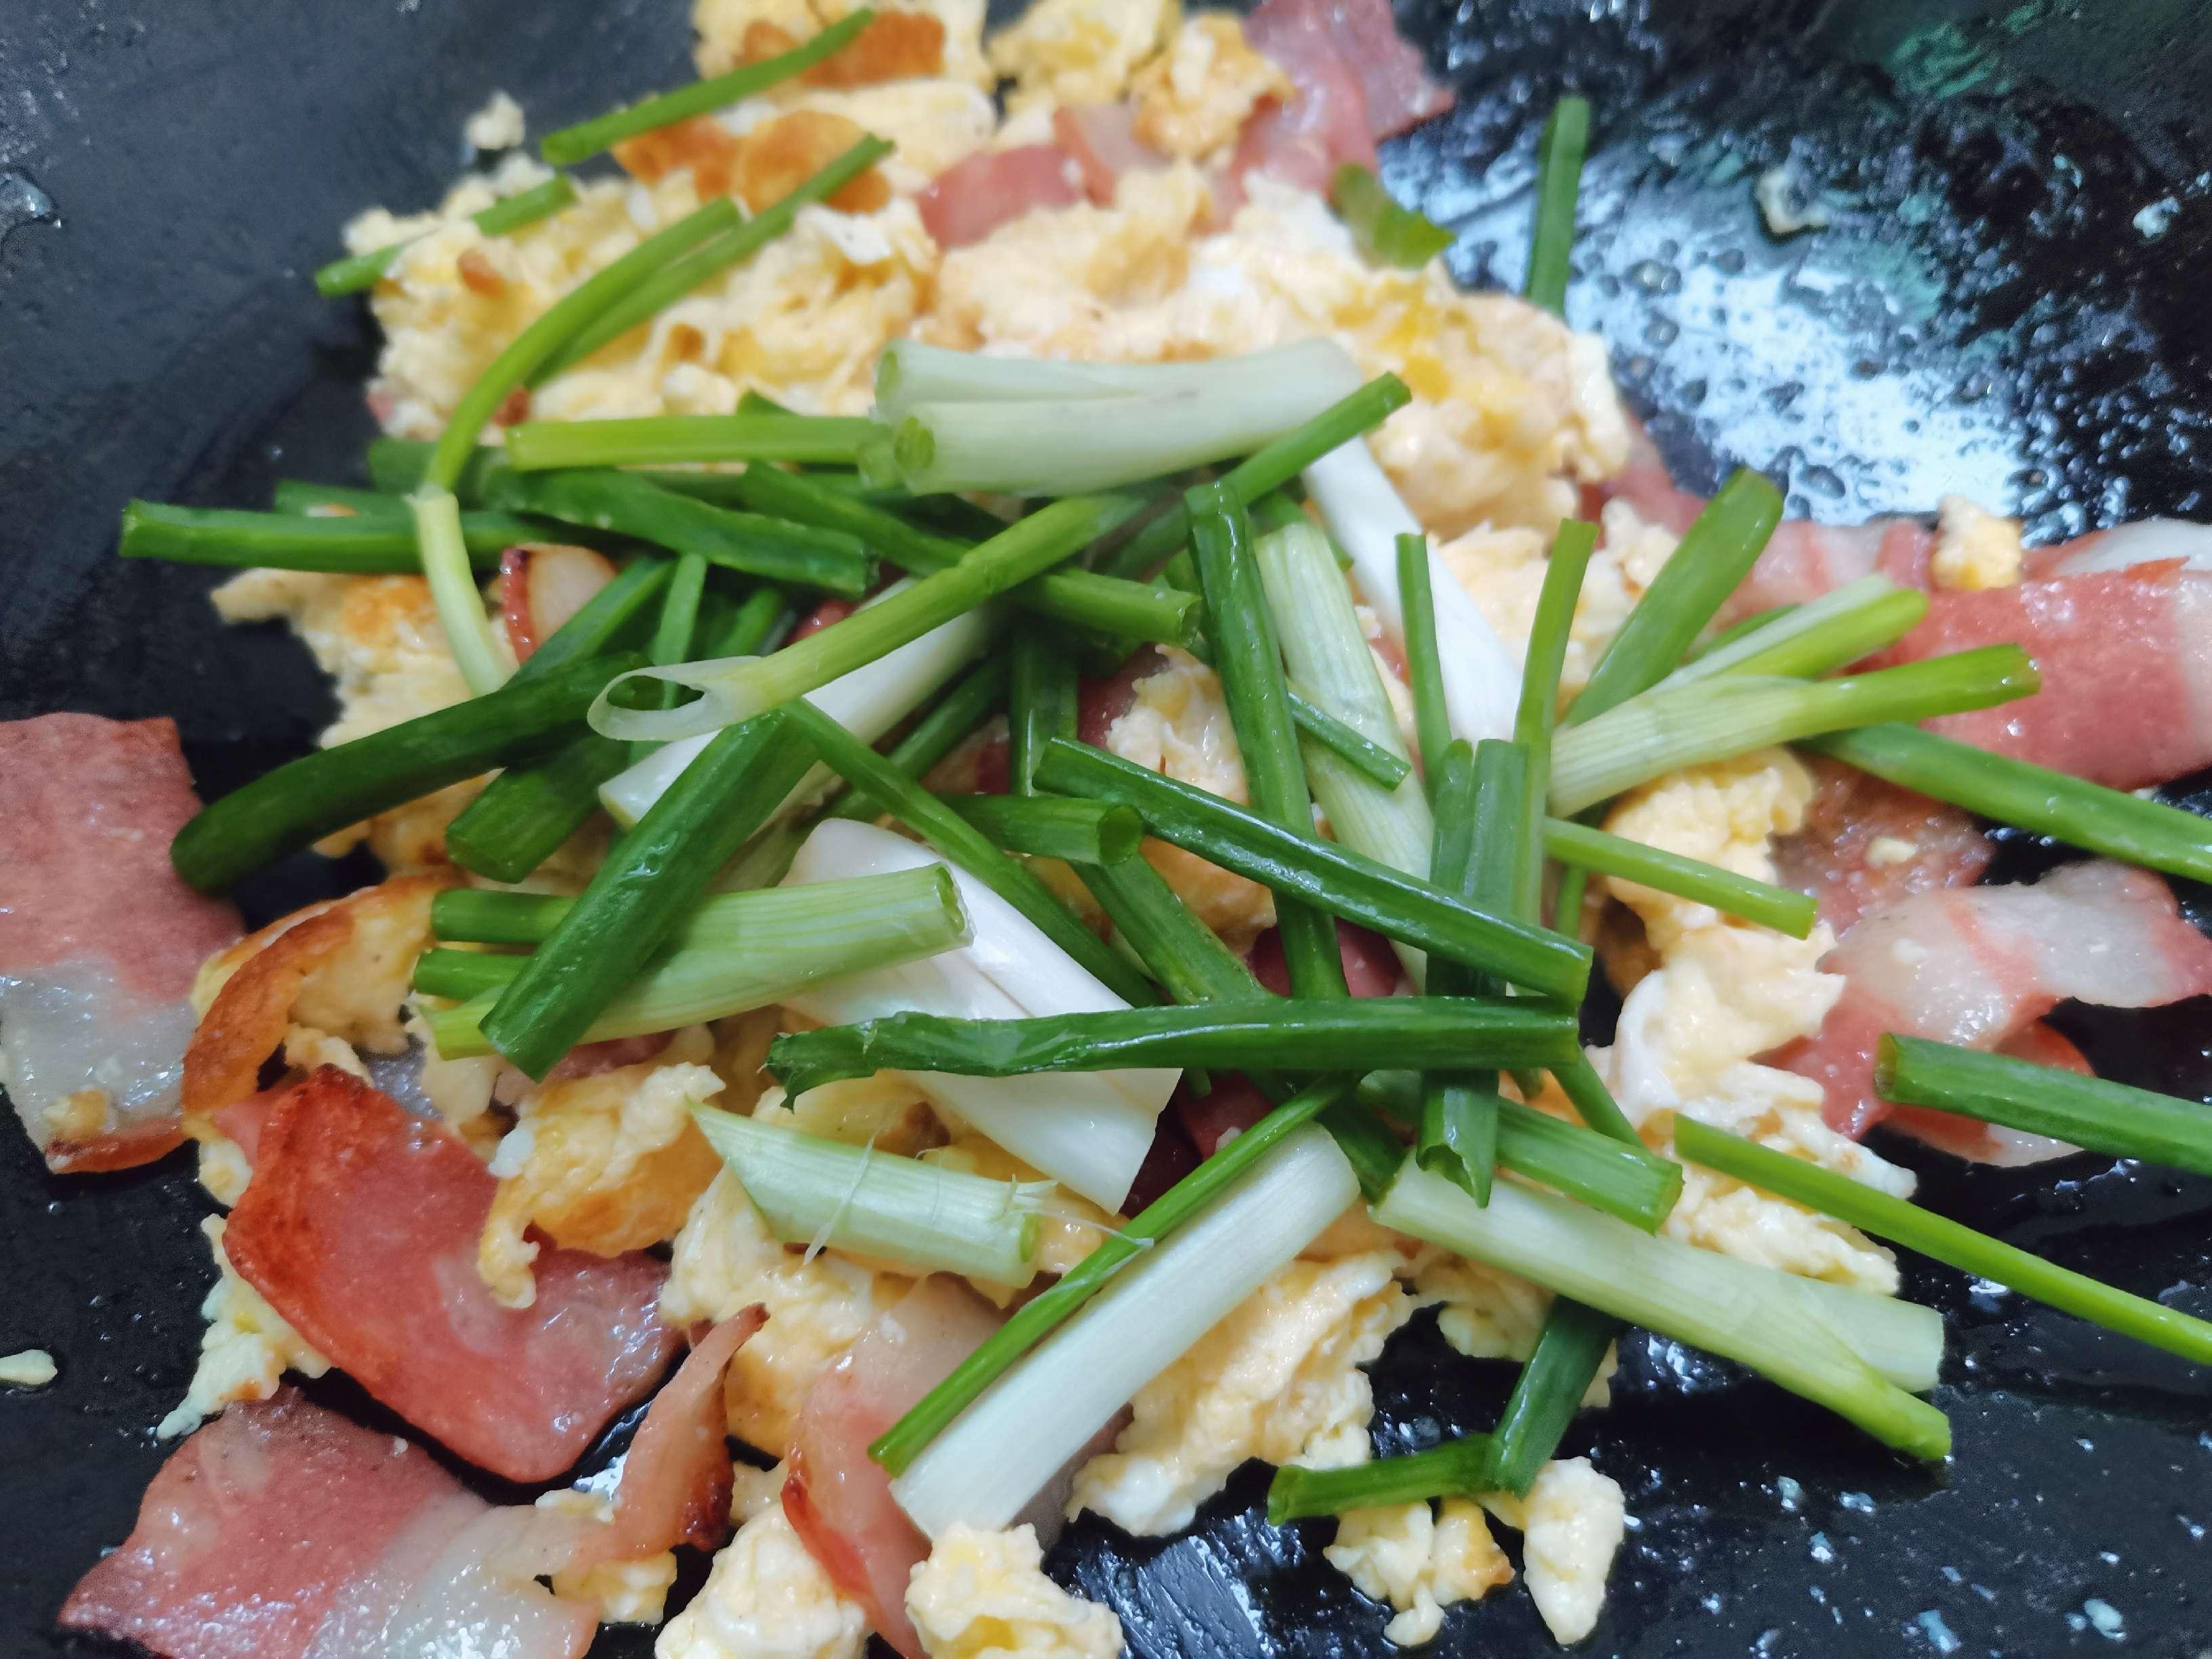 培根炒鸡蛋怎么煮